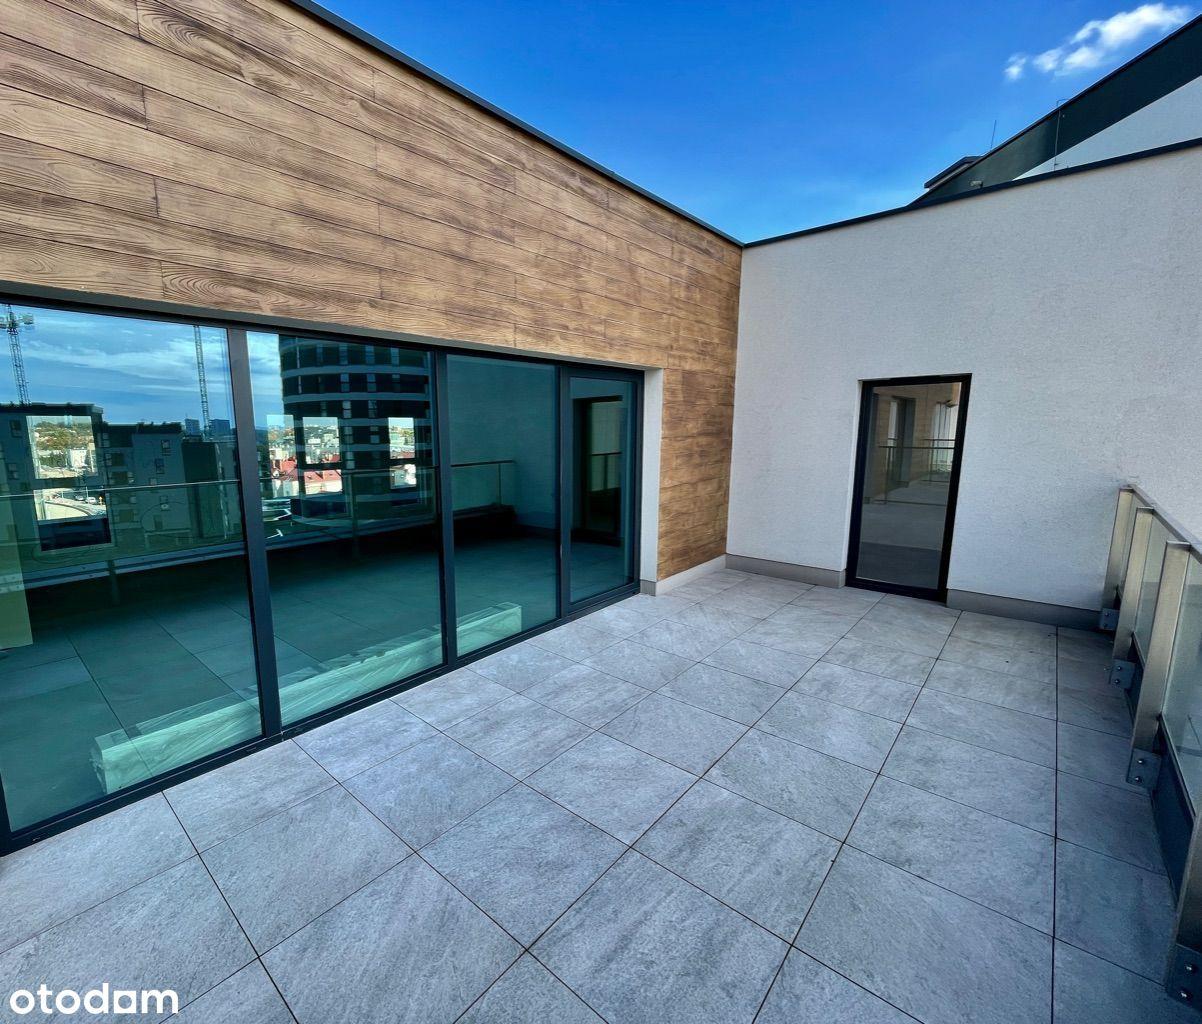 Nowe mieszkanie 110 m2 w centrum ul.Podwisłocze